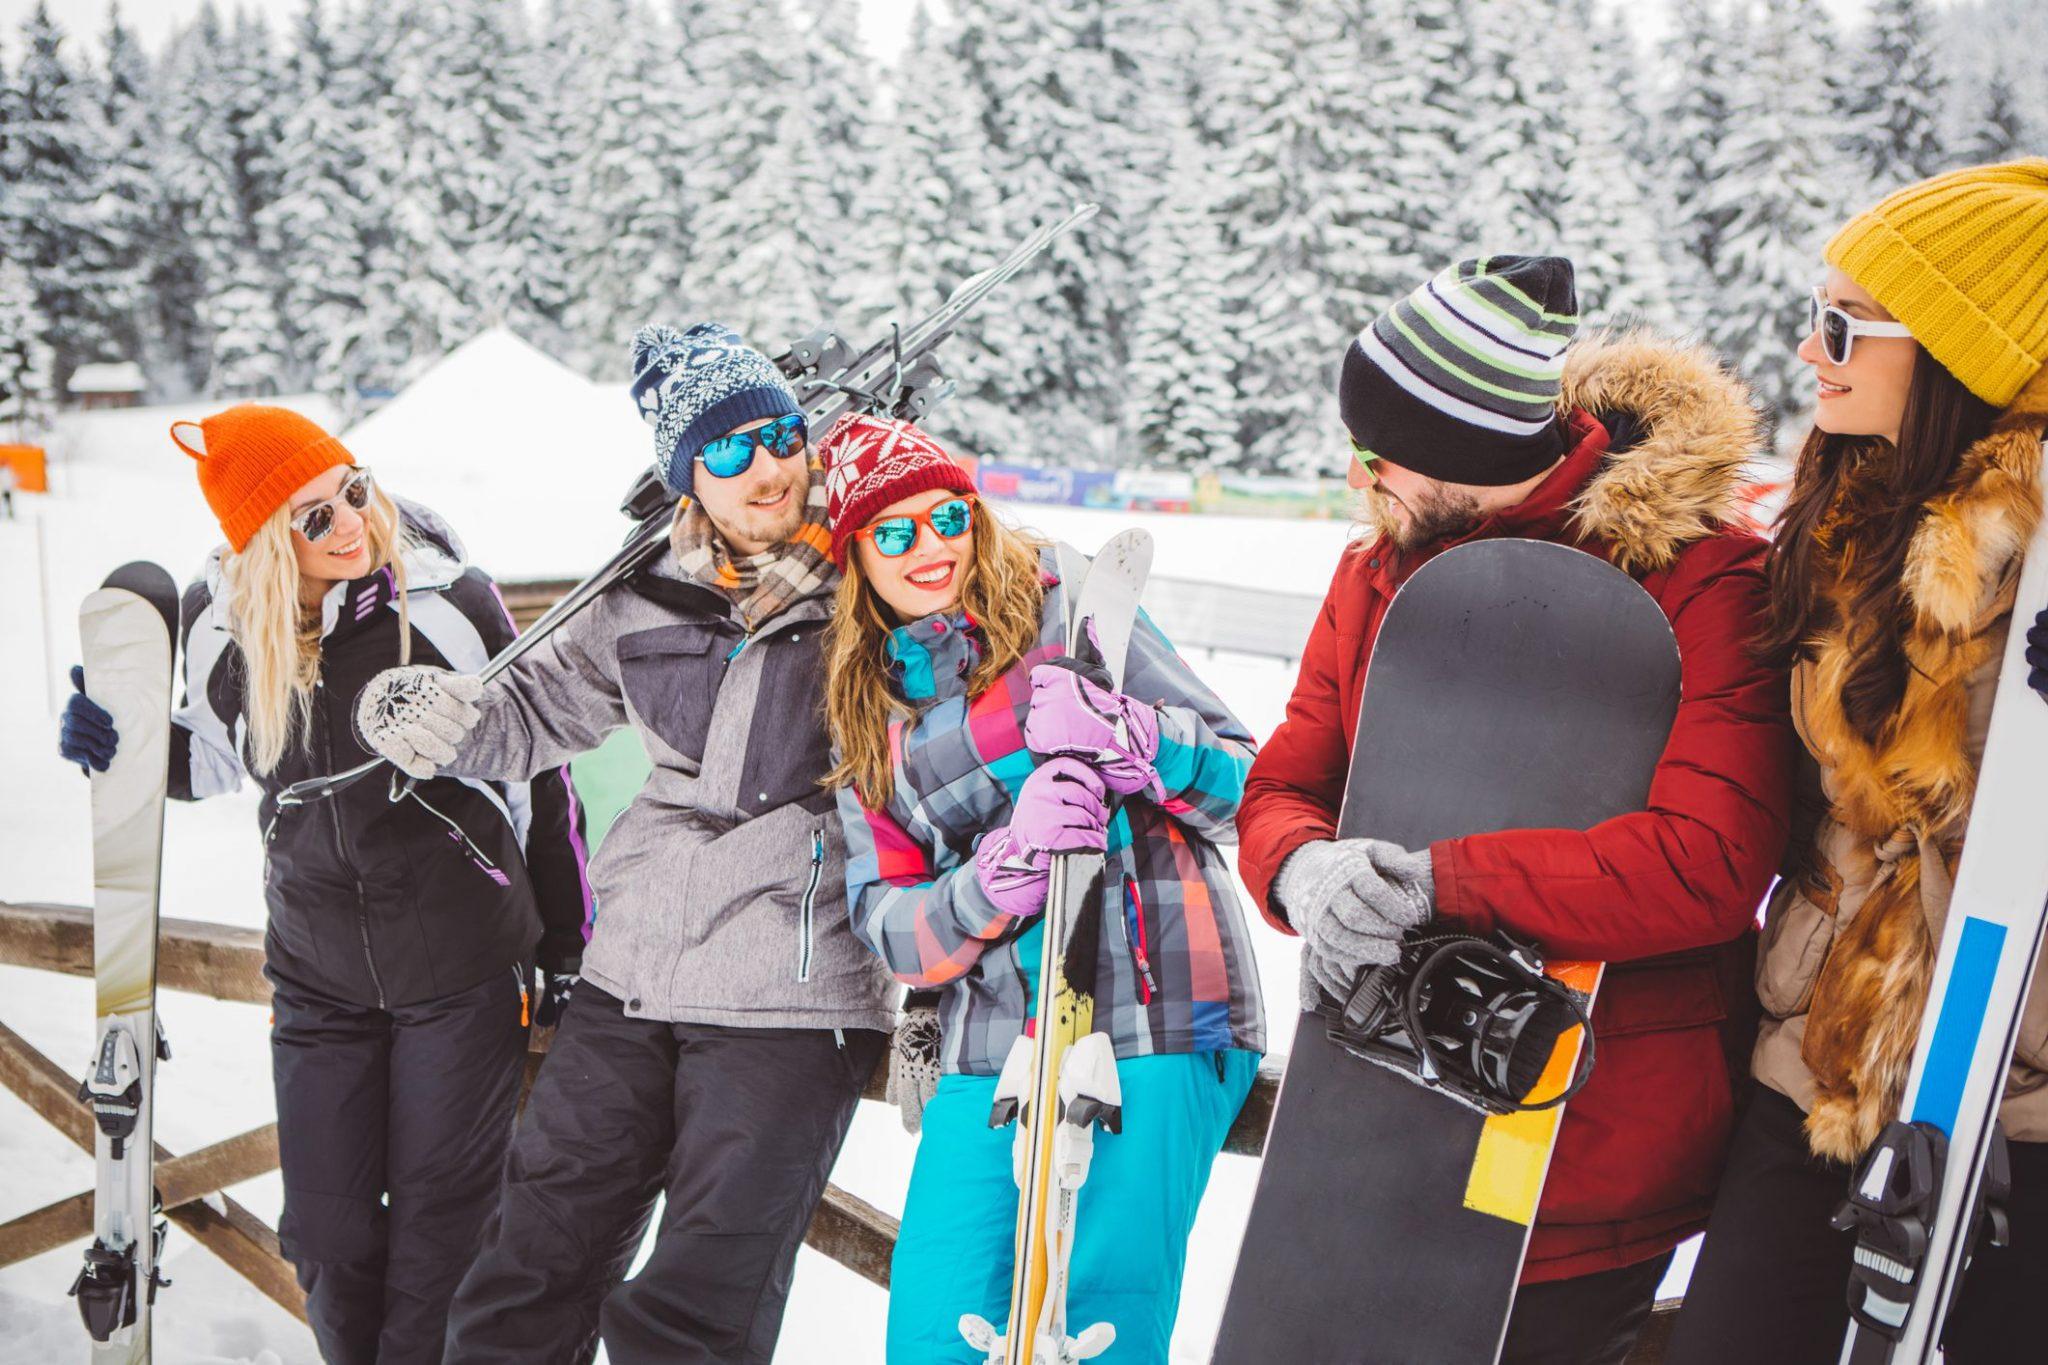 regalos-para-los-amantes-de-esquí-y-snowboard